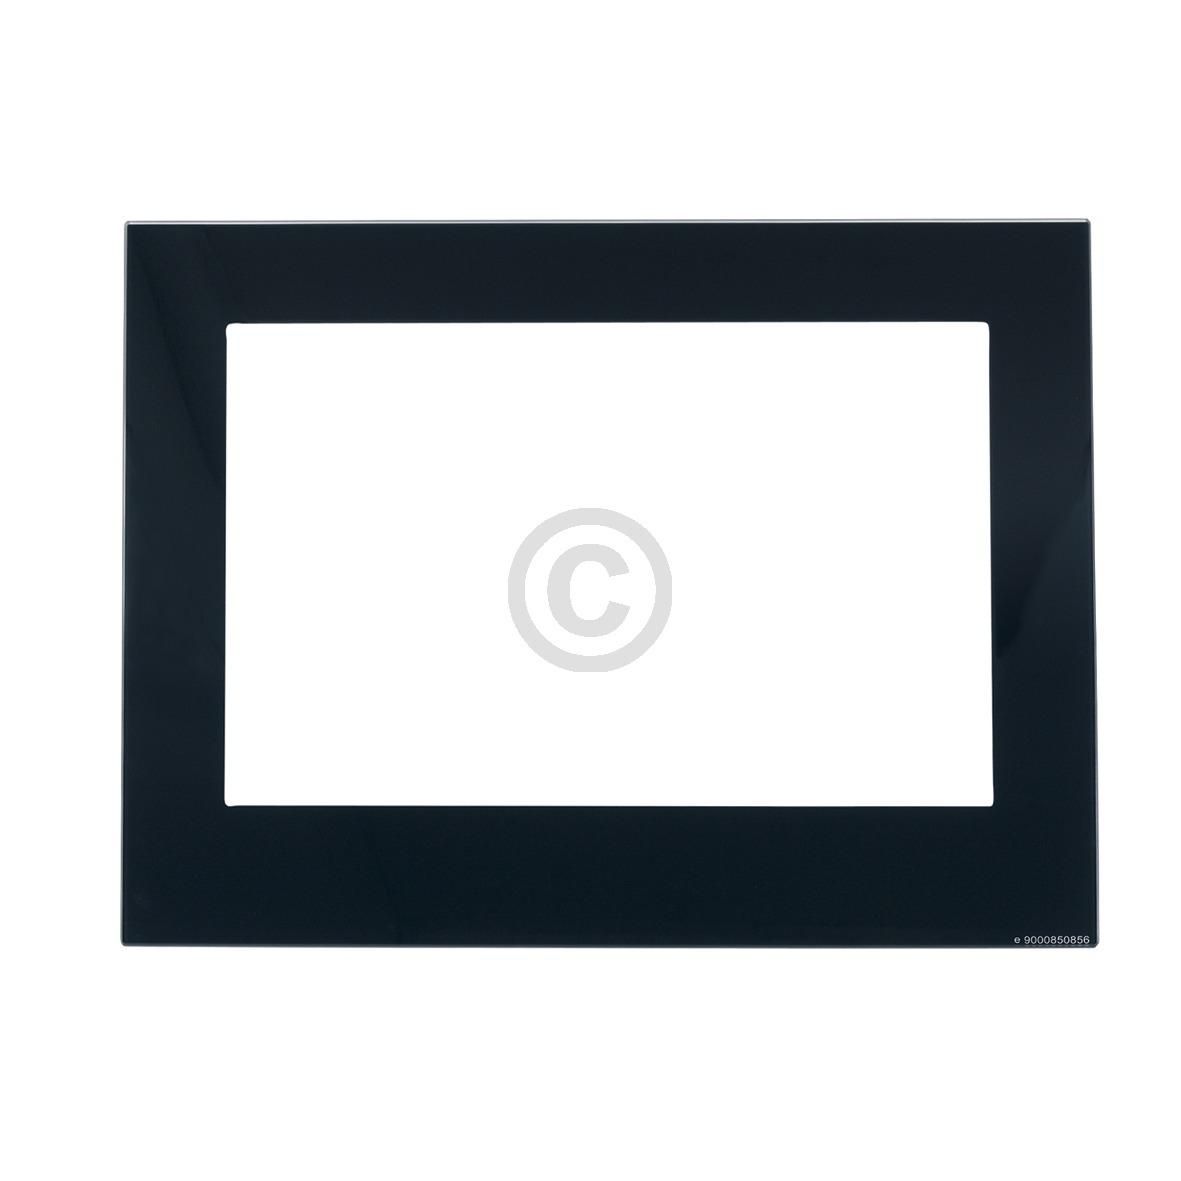 Innenscheibe Bosch 00771871 für Backofentüre Herd